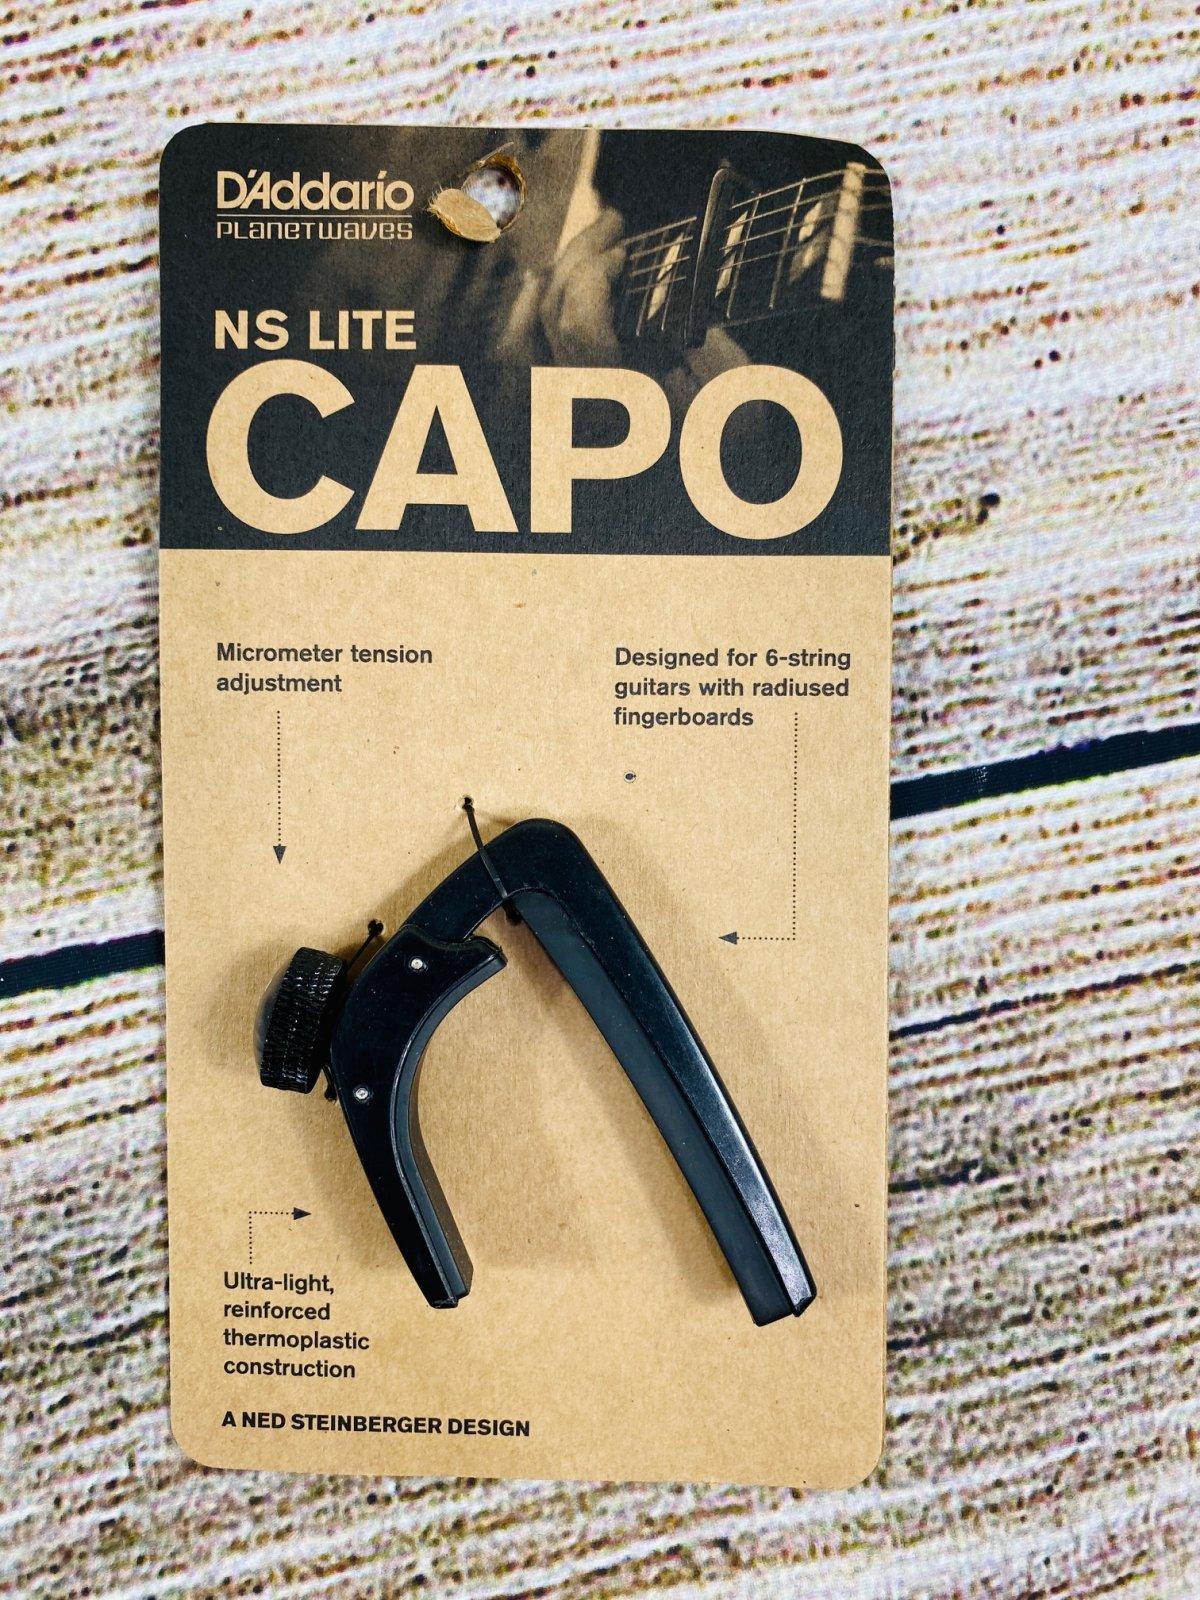 D'Addario NS Capo Lite - Adjustable Tension, Black